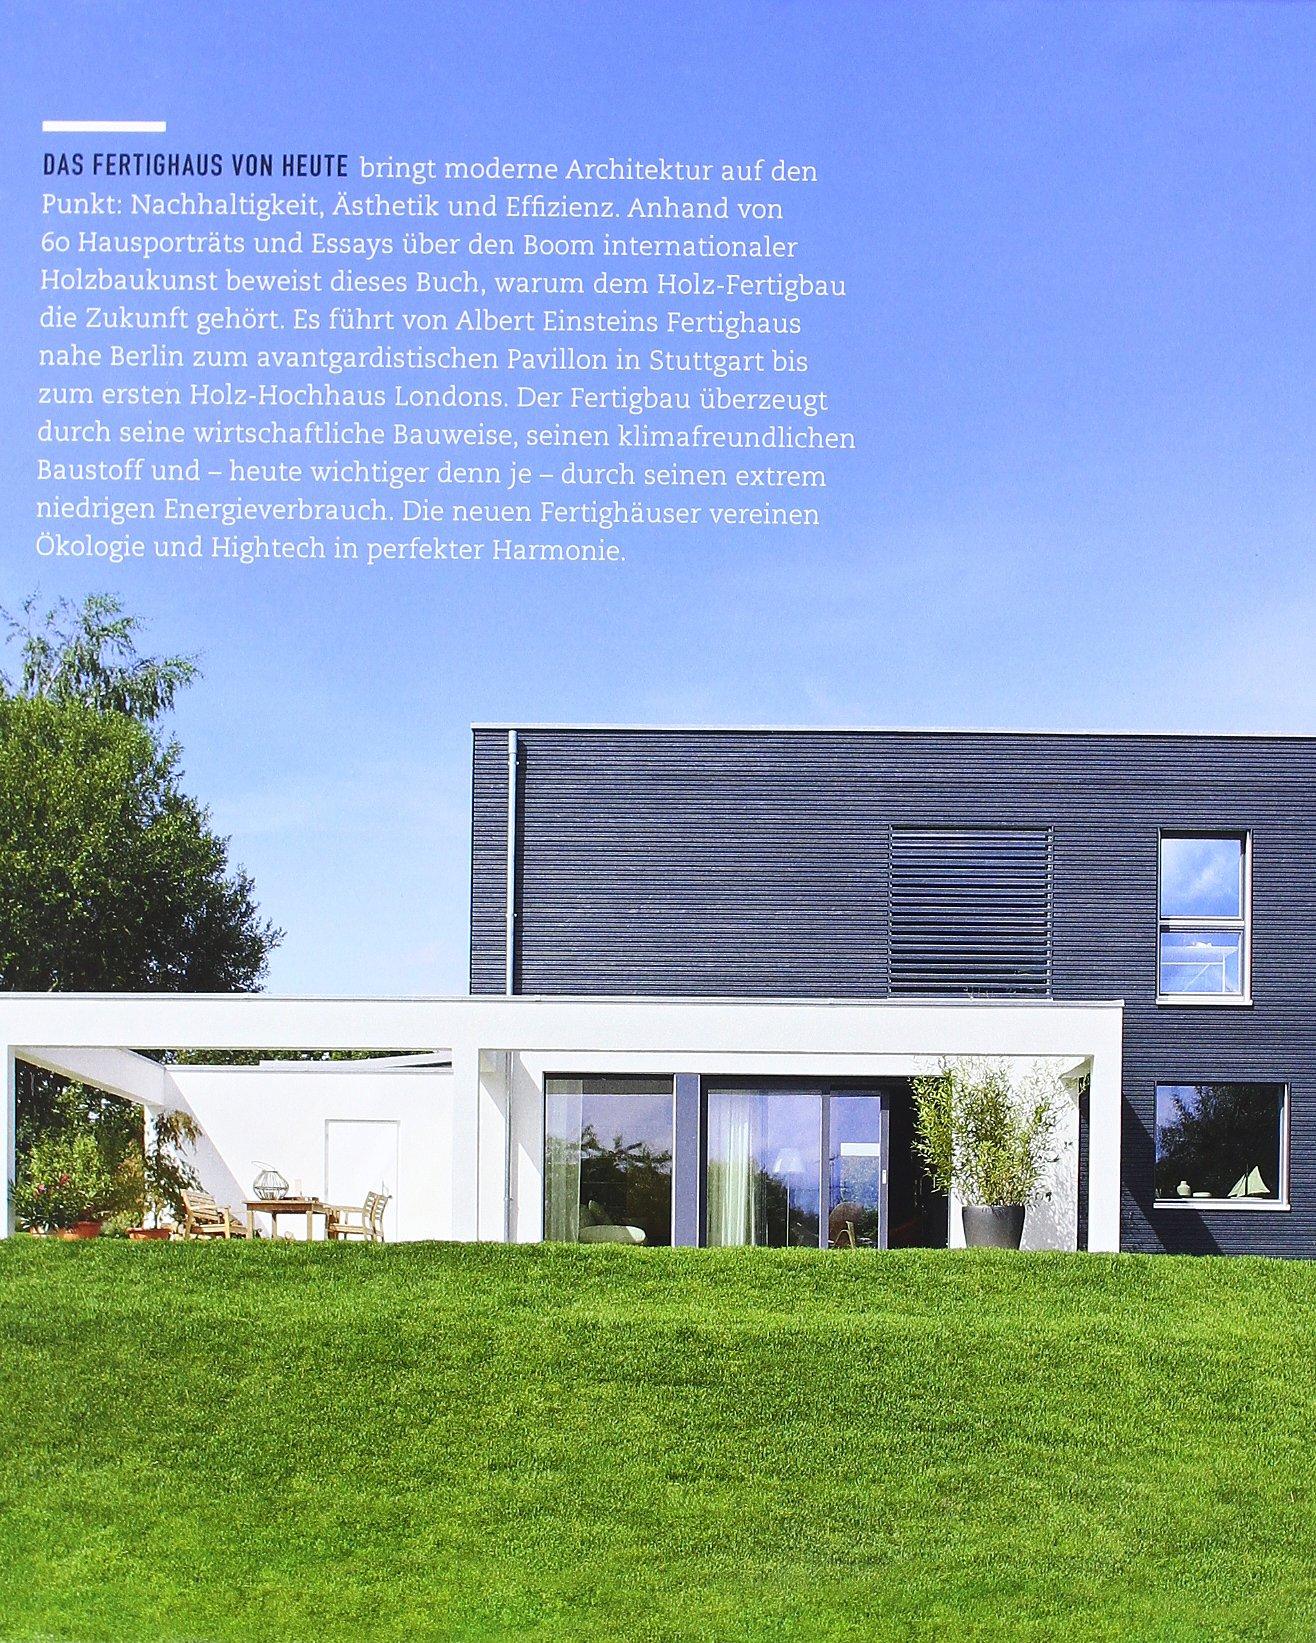 Fertighaus moderne architektur  Das Fertighaus-Buch: moderne Architektur - nachhaltig gebaut ...